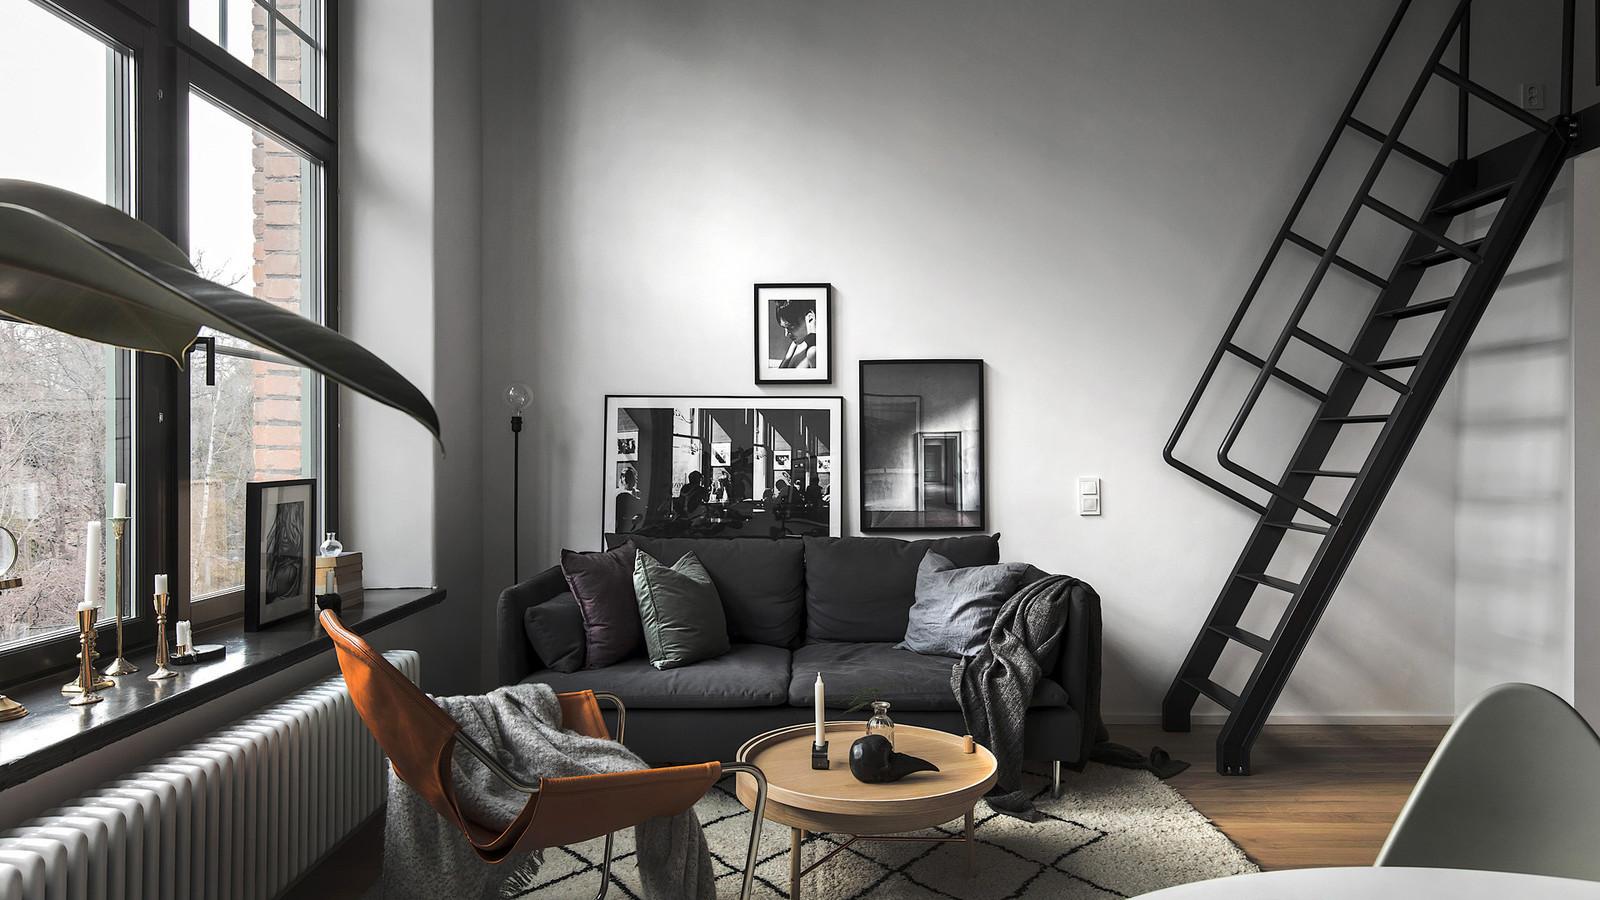 Двухуровневая квартира площадью 40 квадратных метров